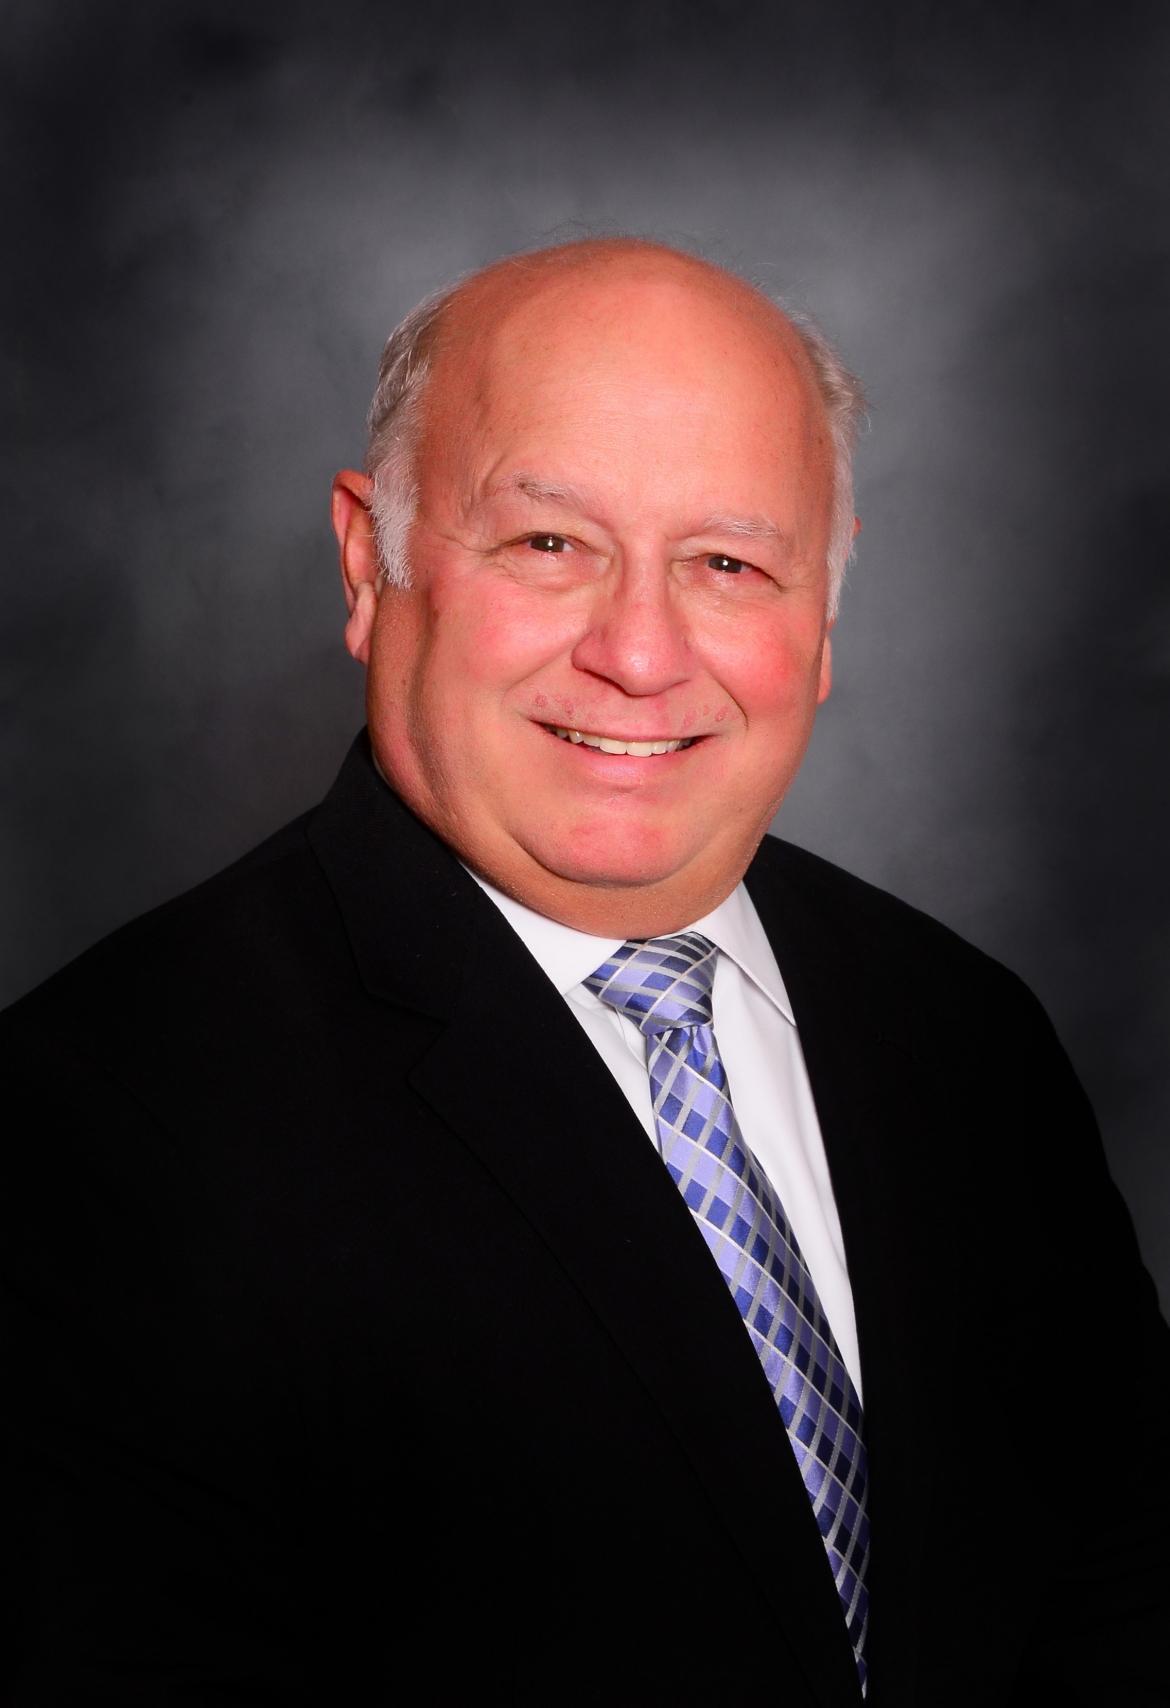 Steve Muterspaw - Trustee